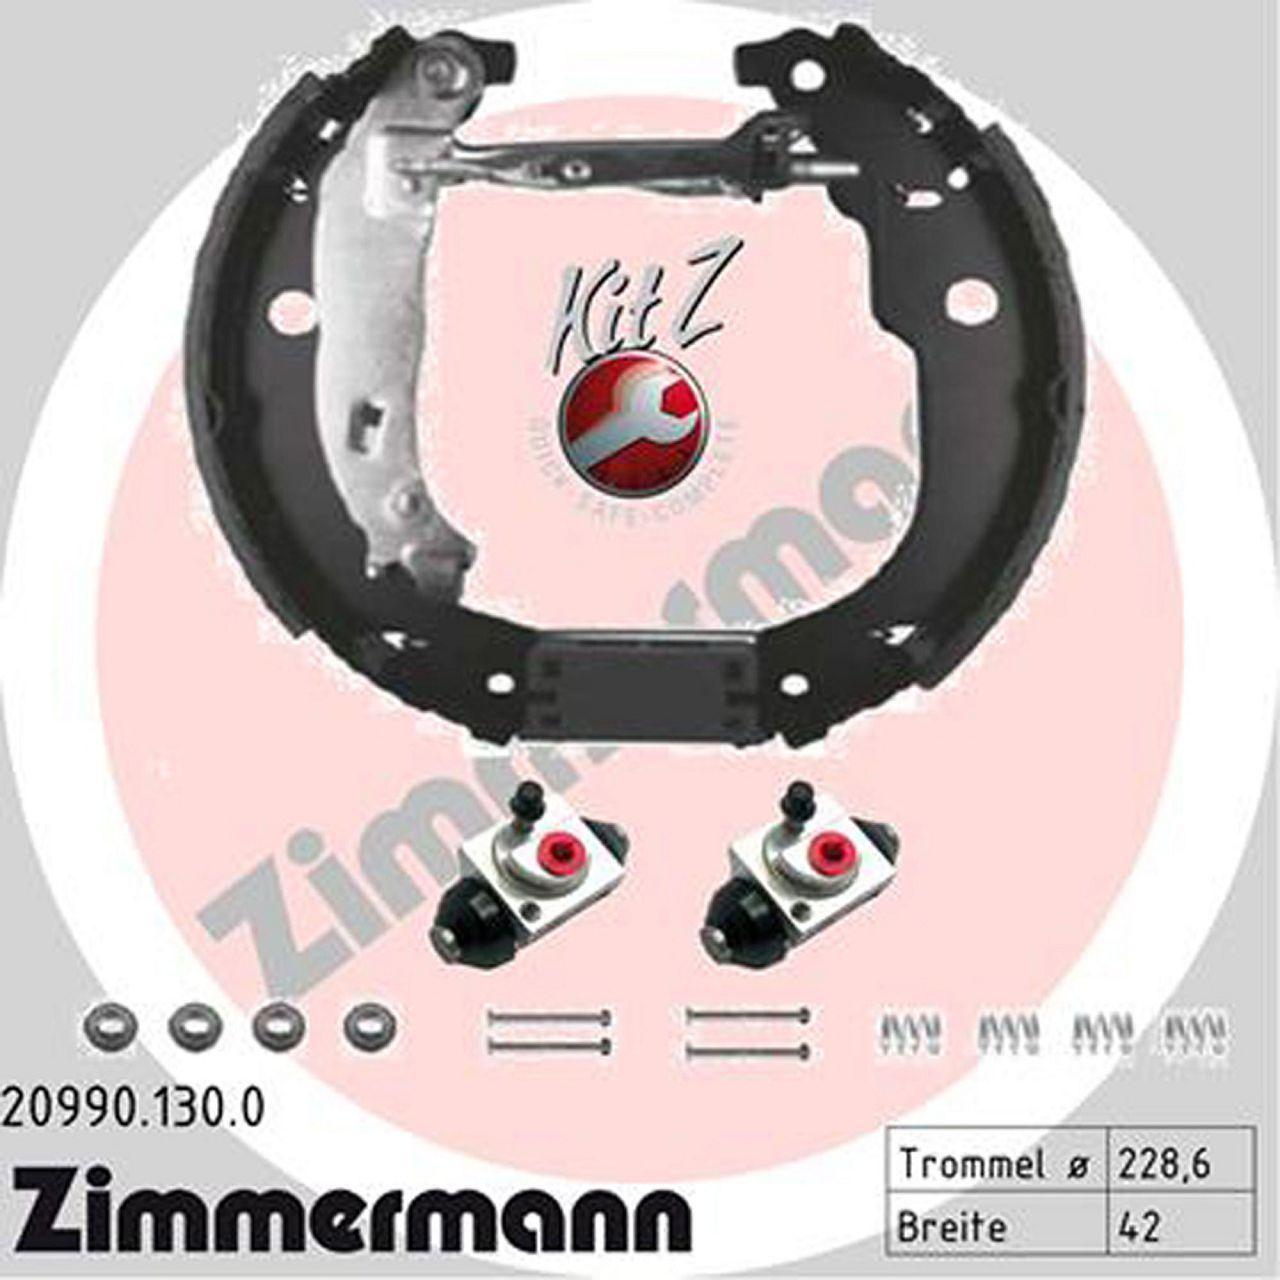 ZIMMERMANN 20990.130.0 Bremsbacken + Radbremszylinder PEUGEOT DS3 PEUGEOT 207 / SW hinten